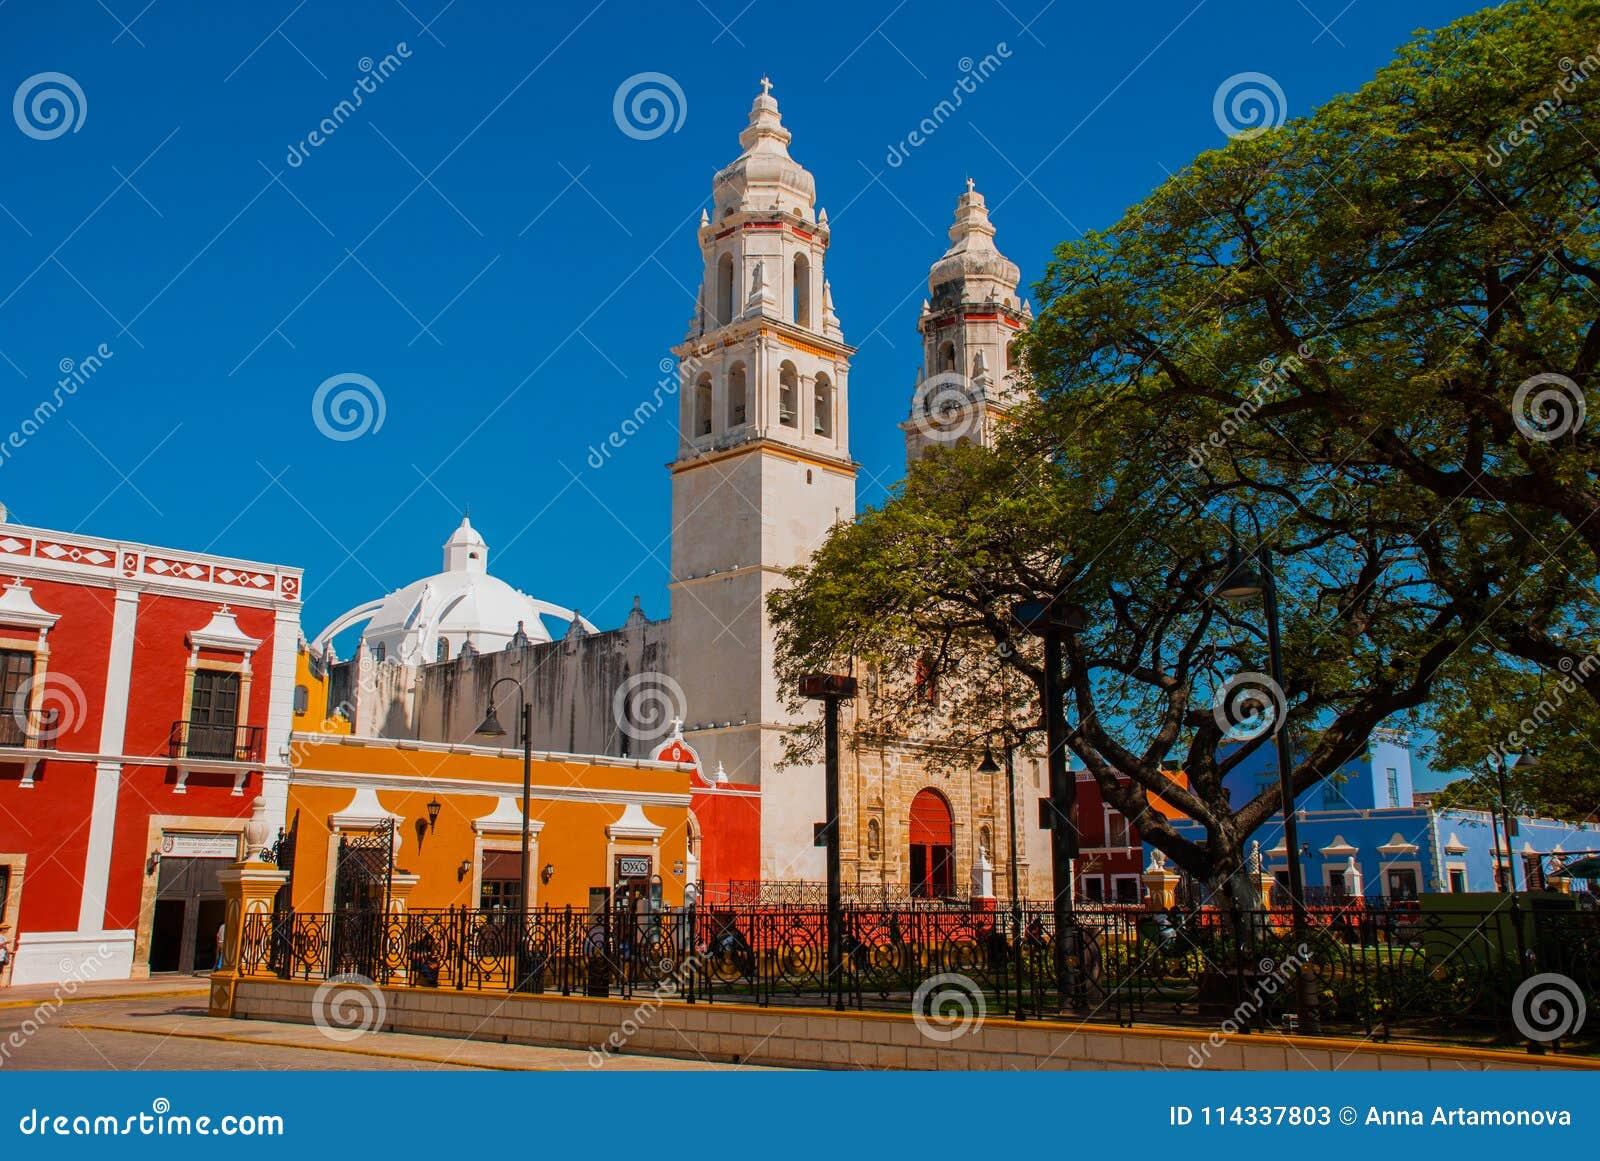 Cattedrale, Campeche, Messico: Plaza de la Independencia, in Campeche, ` s Città Vecchia del Messico di San Francisco de Campeche